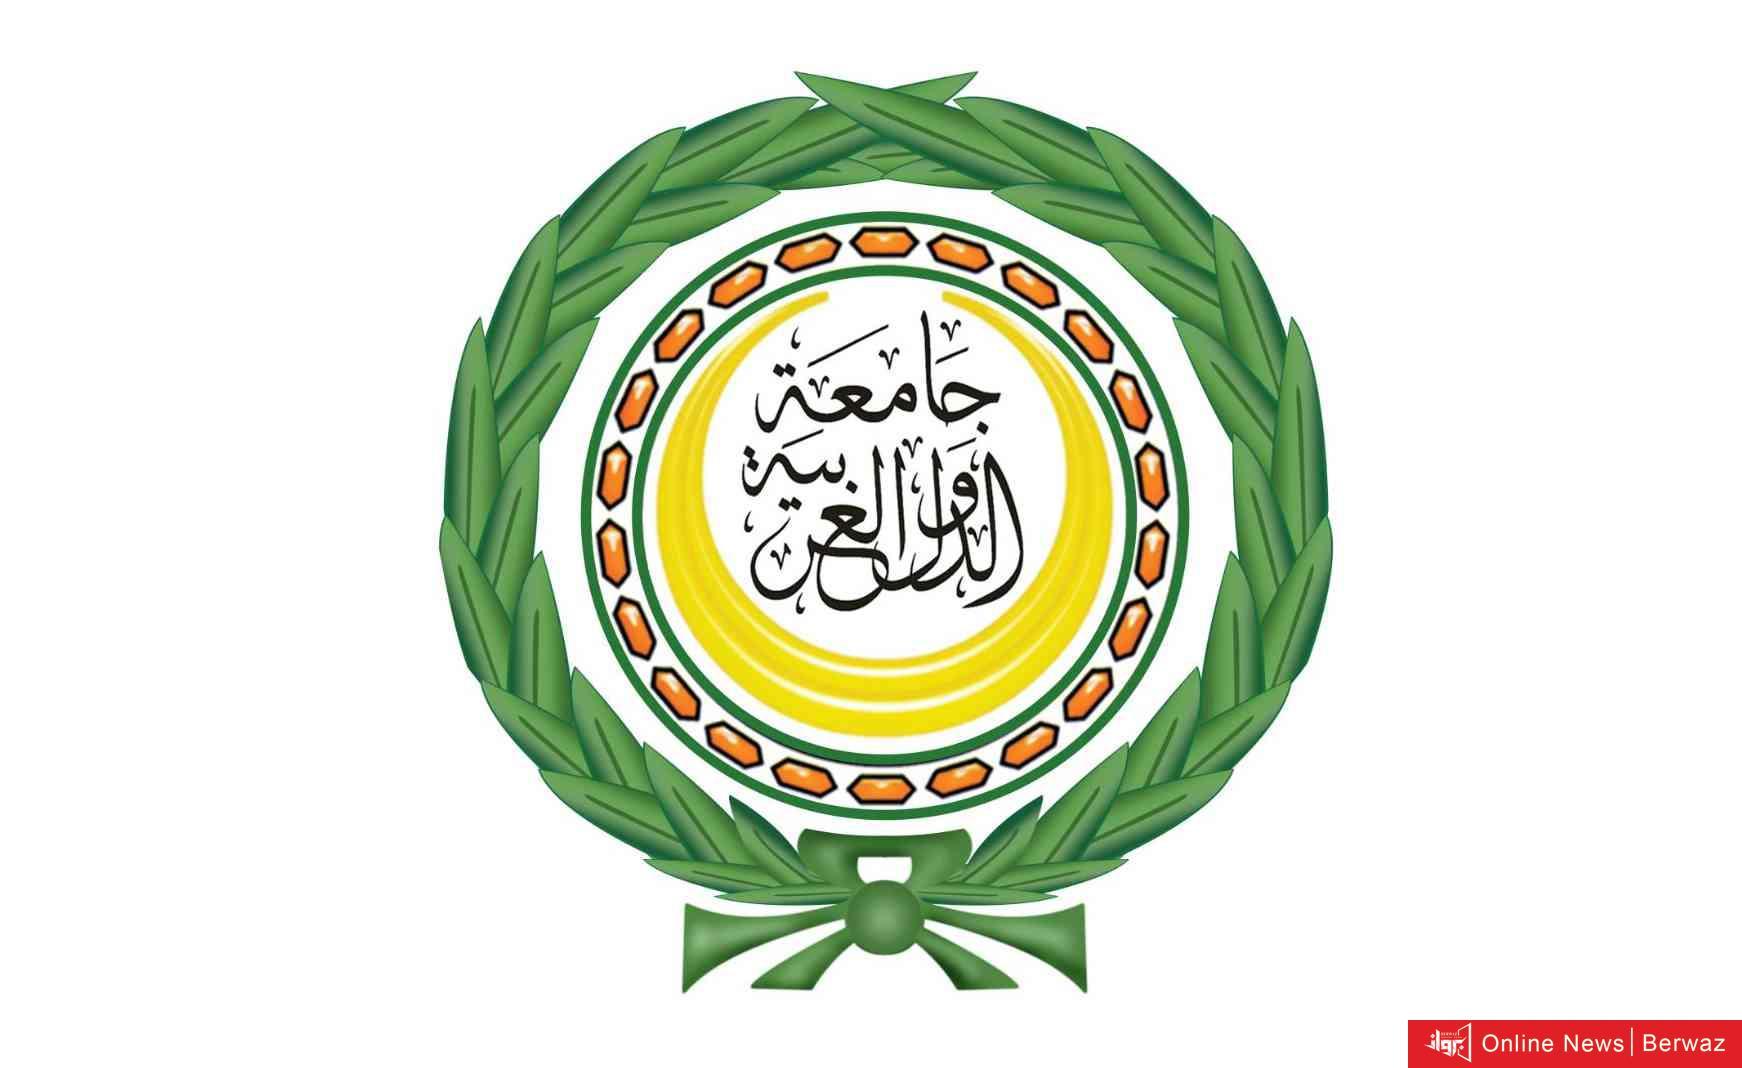 image 4 - رسميا الجامعة العربية تشدد على تضامنها التام مع كافة إجراءت القيادة الأردنية